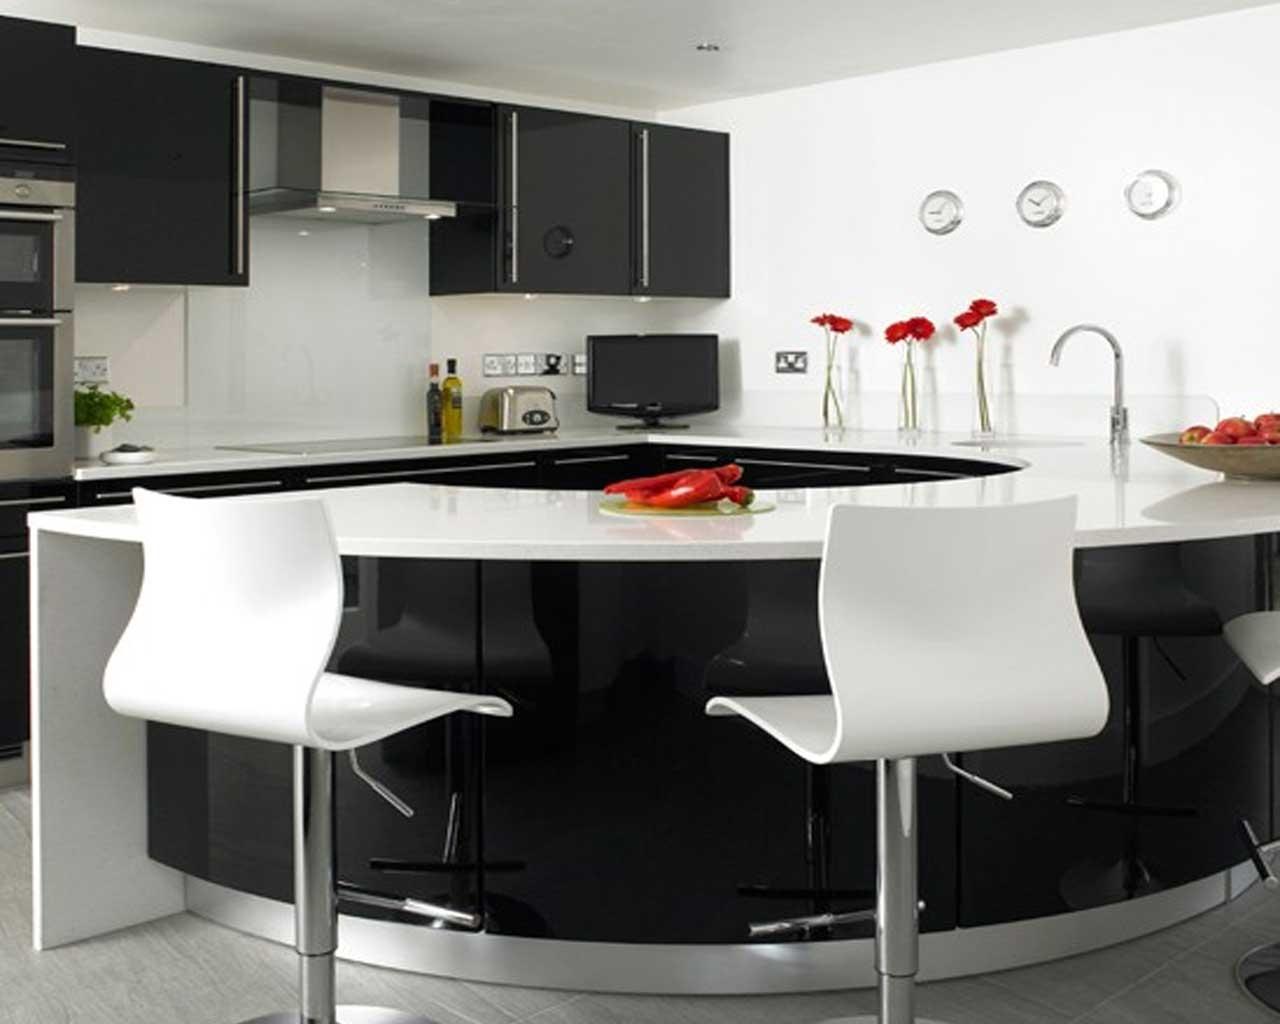 Desain Dapur Minimalis Type 36 Terbaru - Desain Rumah